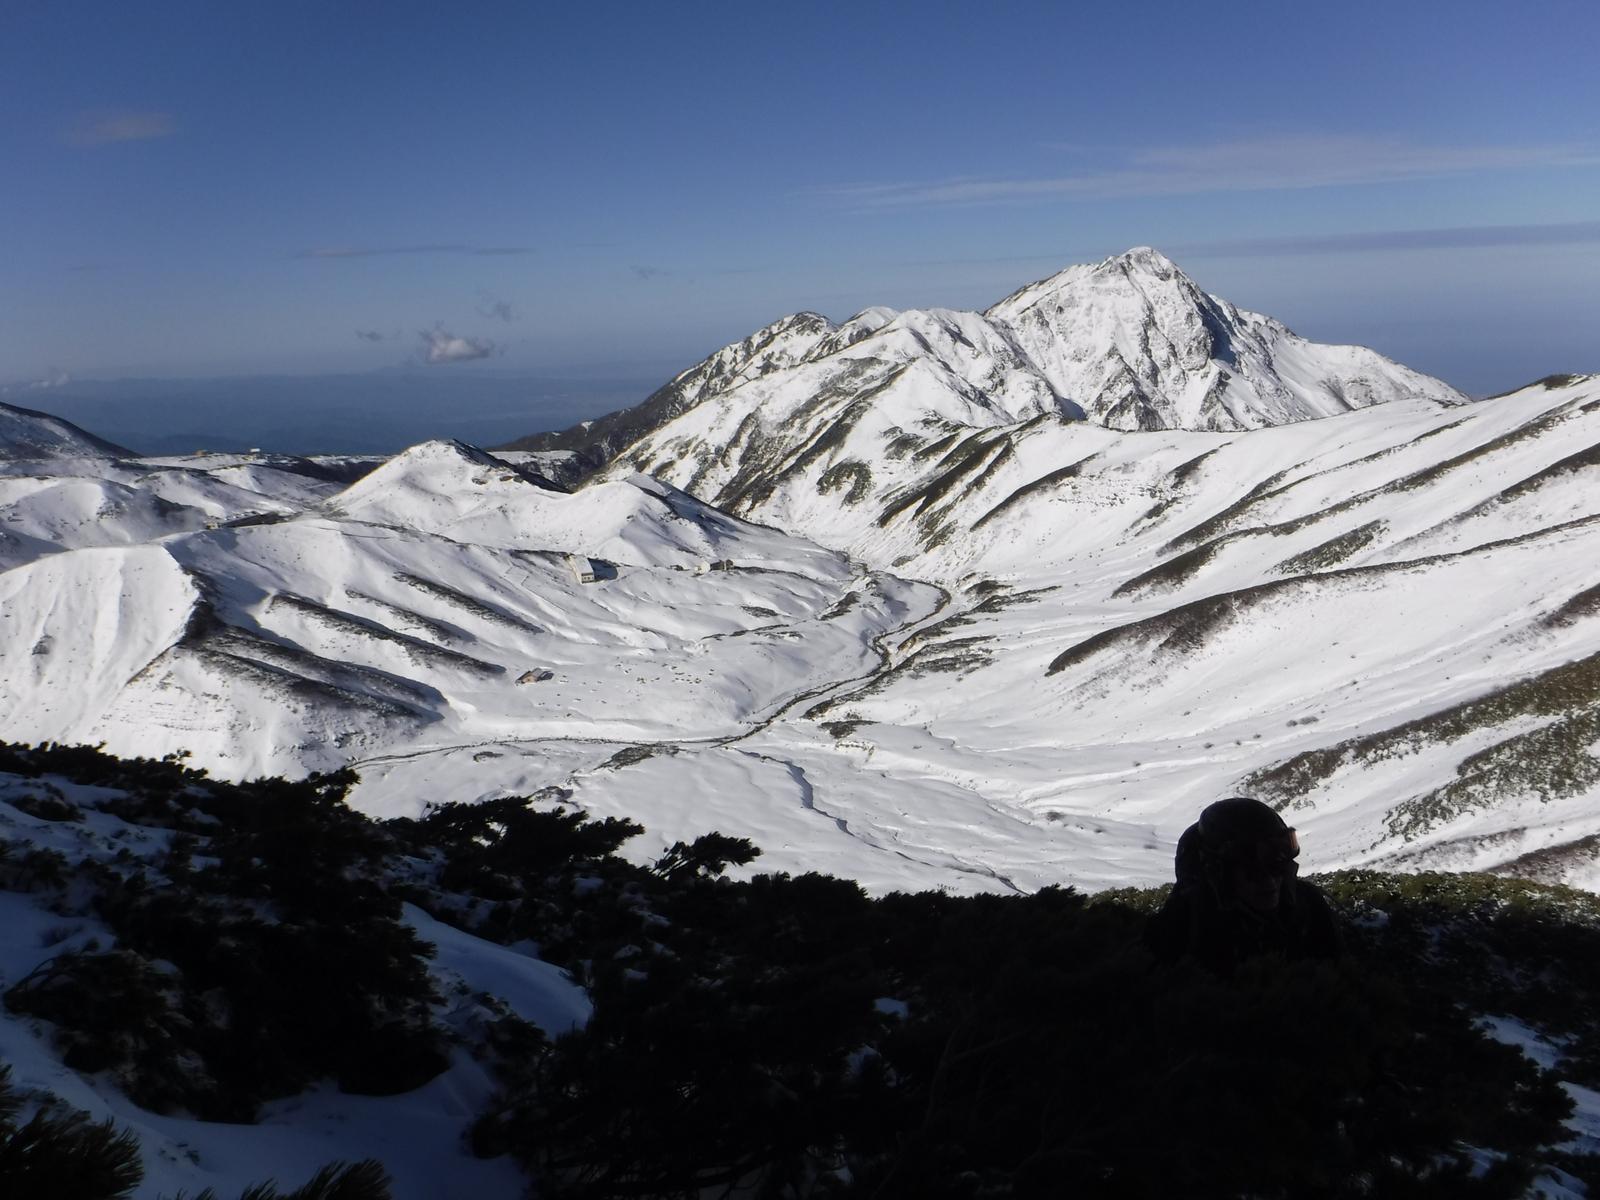 11/21 9:20 2520m付近より、大日岳、所々堅雪で少々緊張